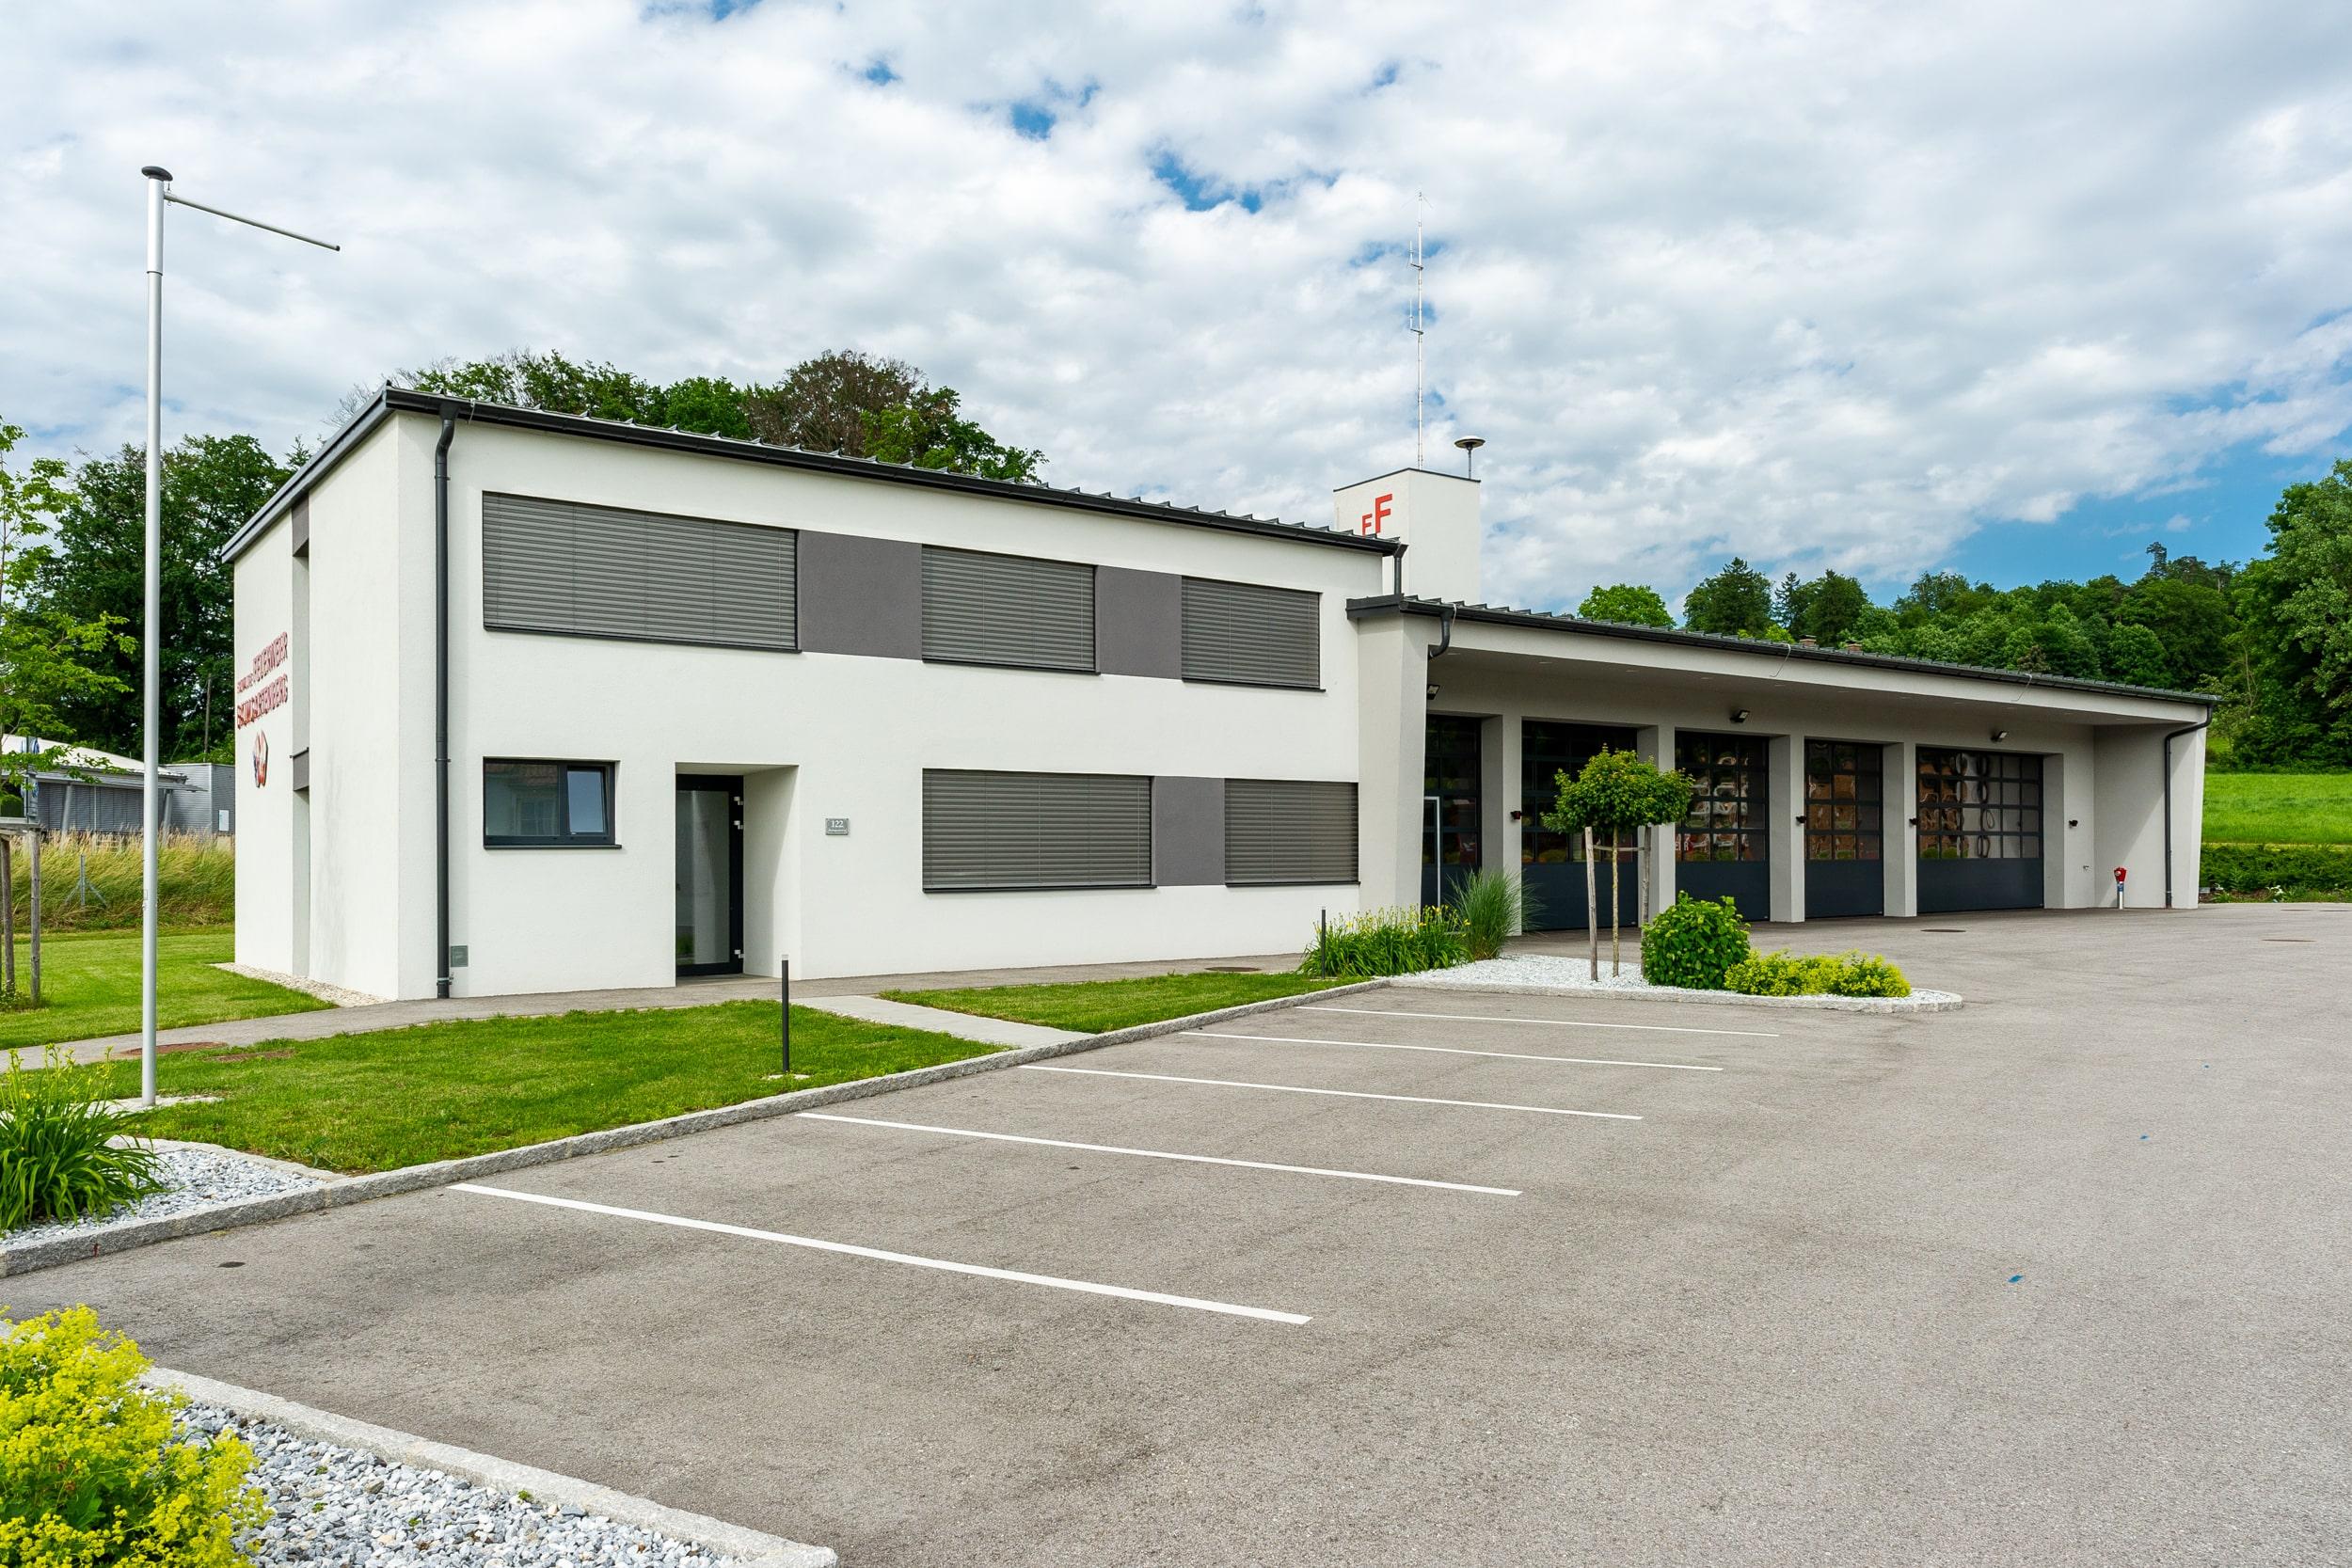 Feuerwehrhaus Baumgartenberg